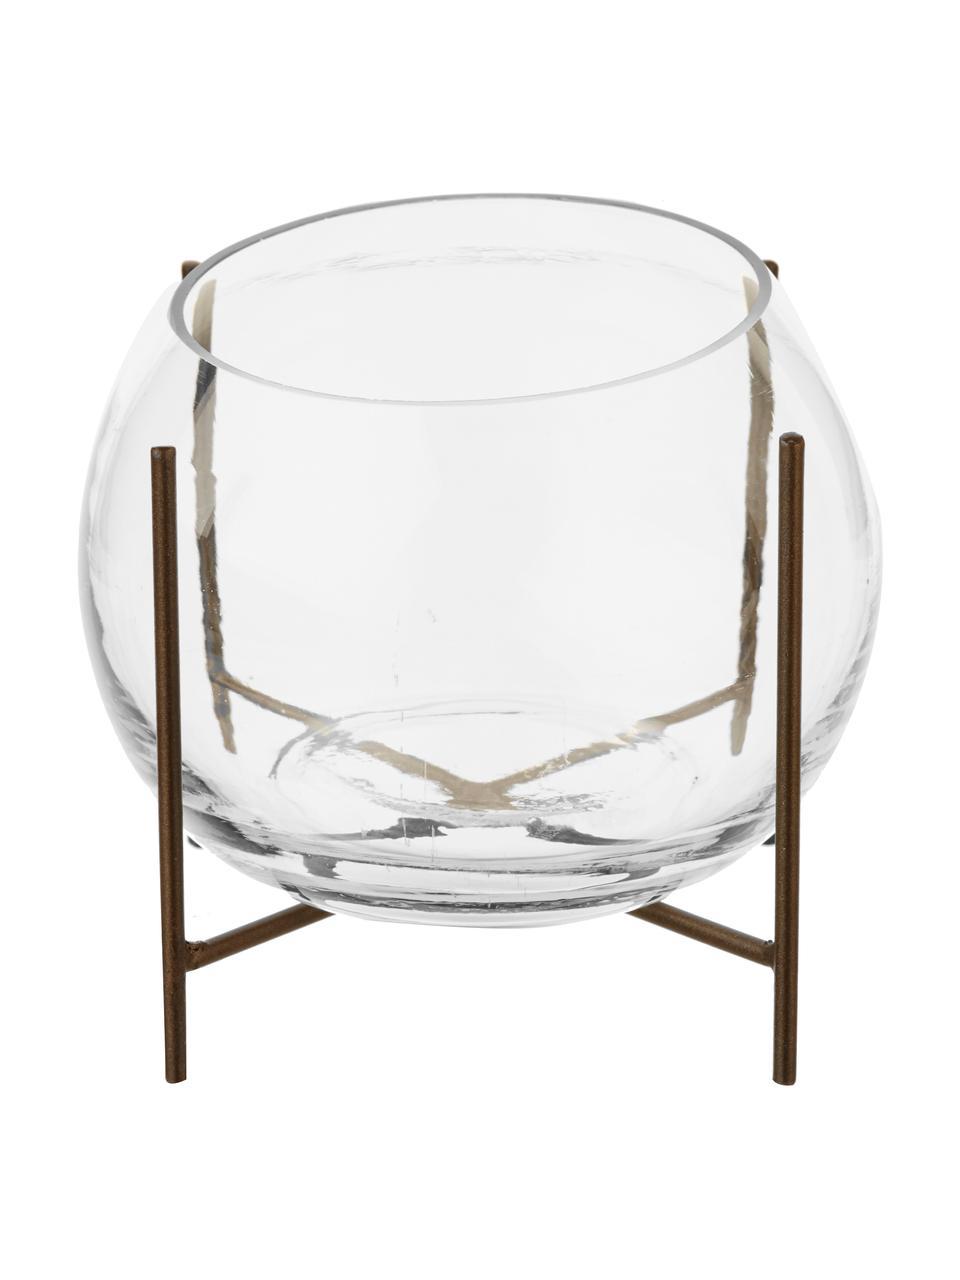 Mały wazon ze metalowym stelażem Ada, Stelaż: metal powlekany, Odcienie mosiądzu, transparentny, Ø 8 x W 11 cm